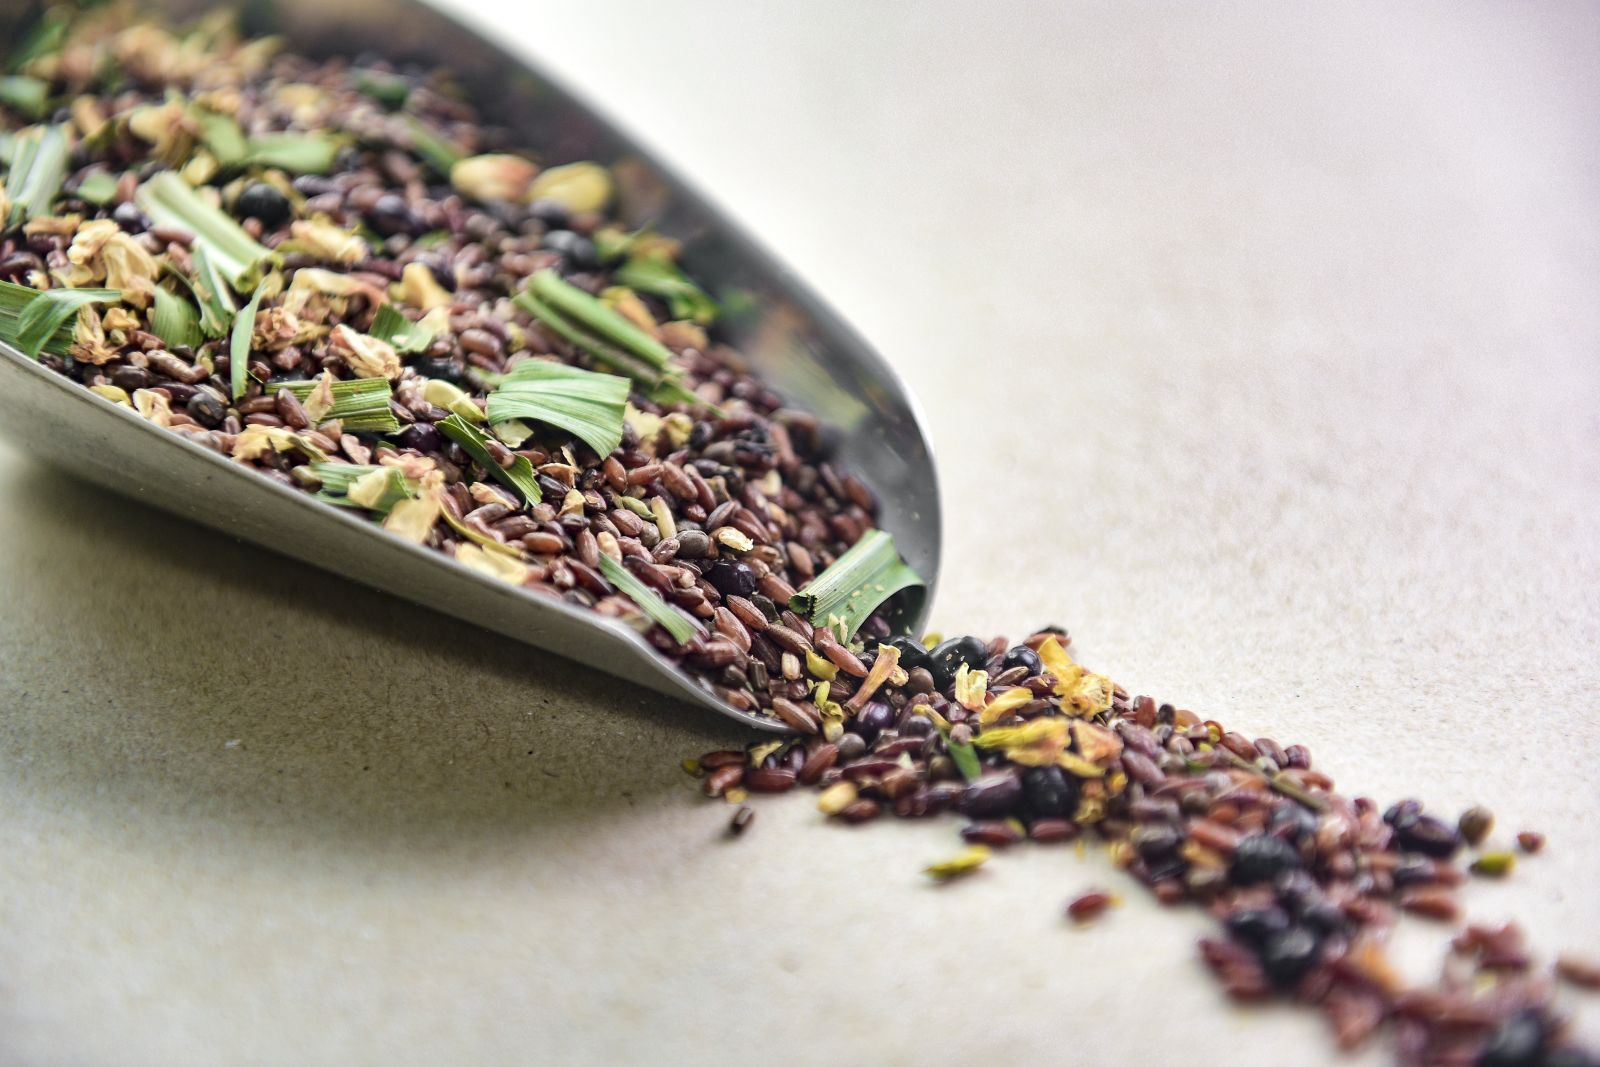 Thành phần trong trà hoa ngũ cốc